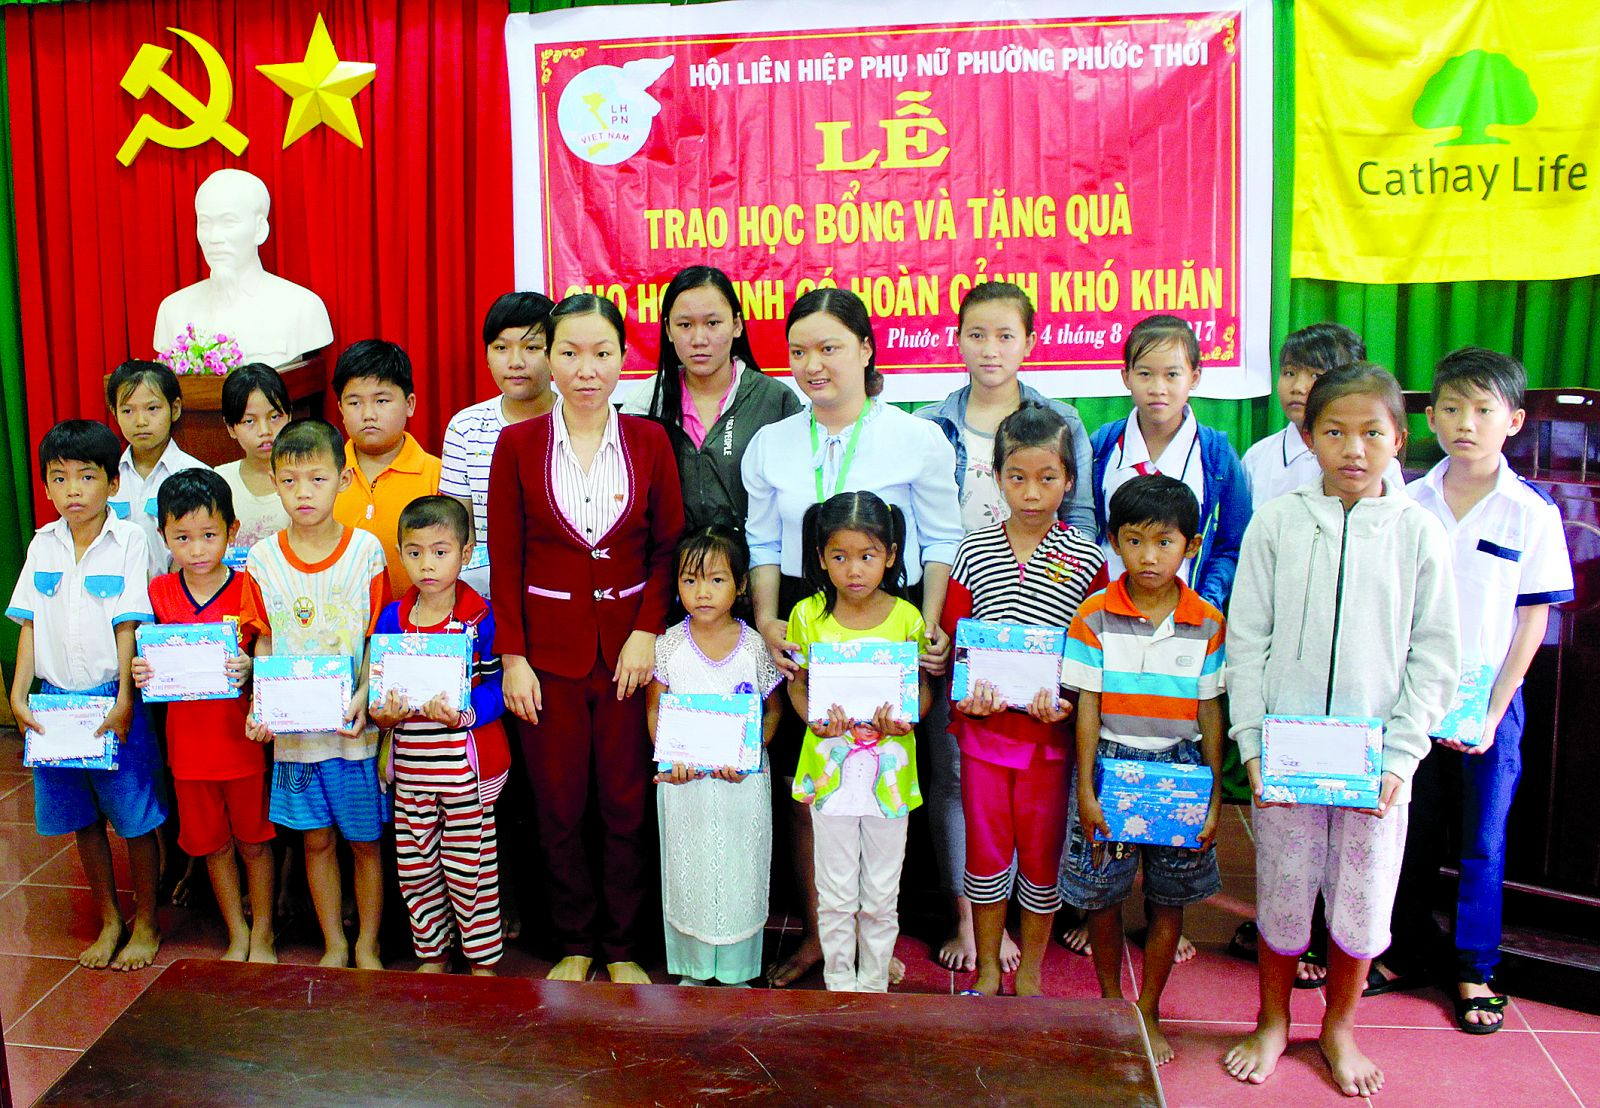 Cán bộ Hội LHPN phường Phước Thới trao quà cho các em học sinh nghèo, hoàn cảnh khó khăn.